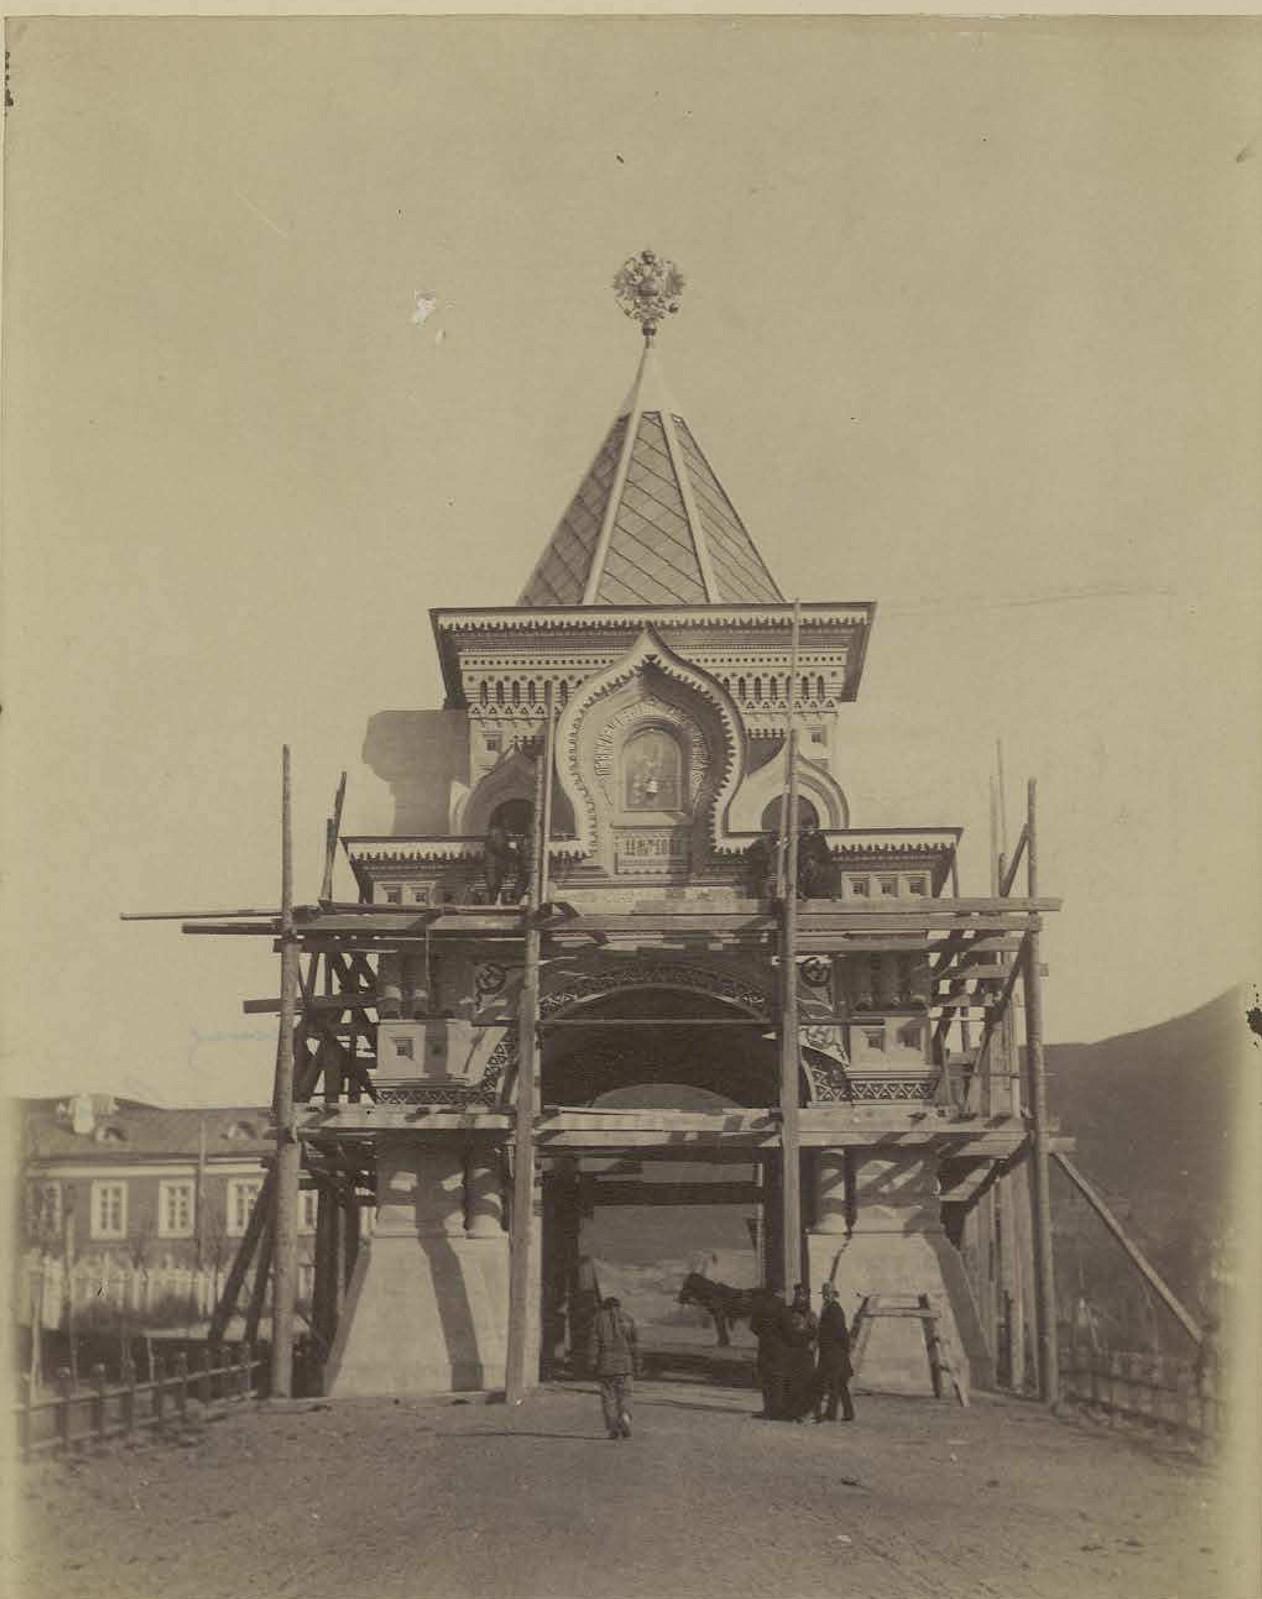 05. 1891. Владивосток. Триумфальная каменная арка, сооруженная по подписке к приезду наследника. Теперь из нее часовню делают